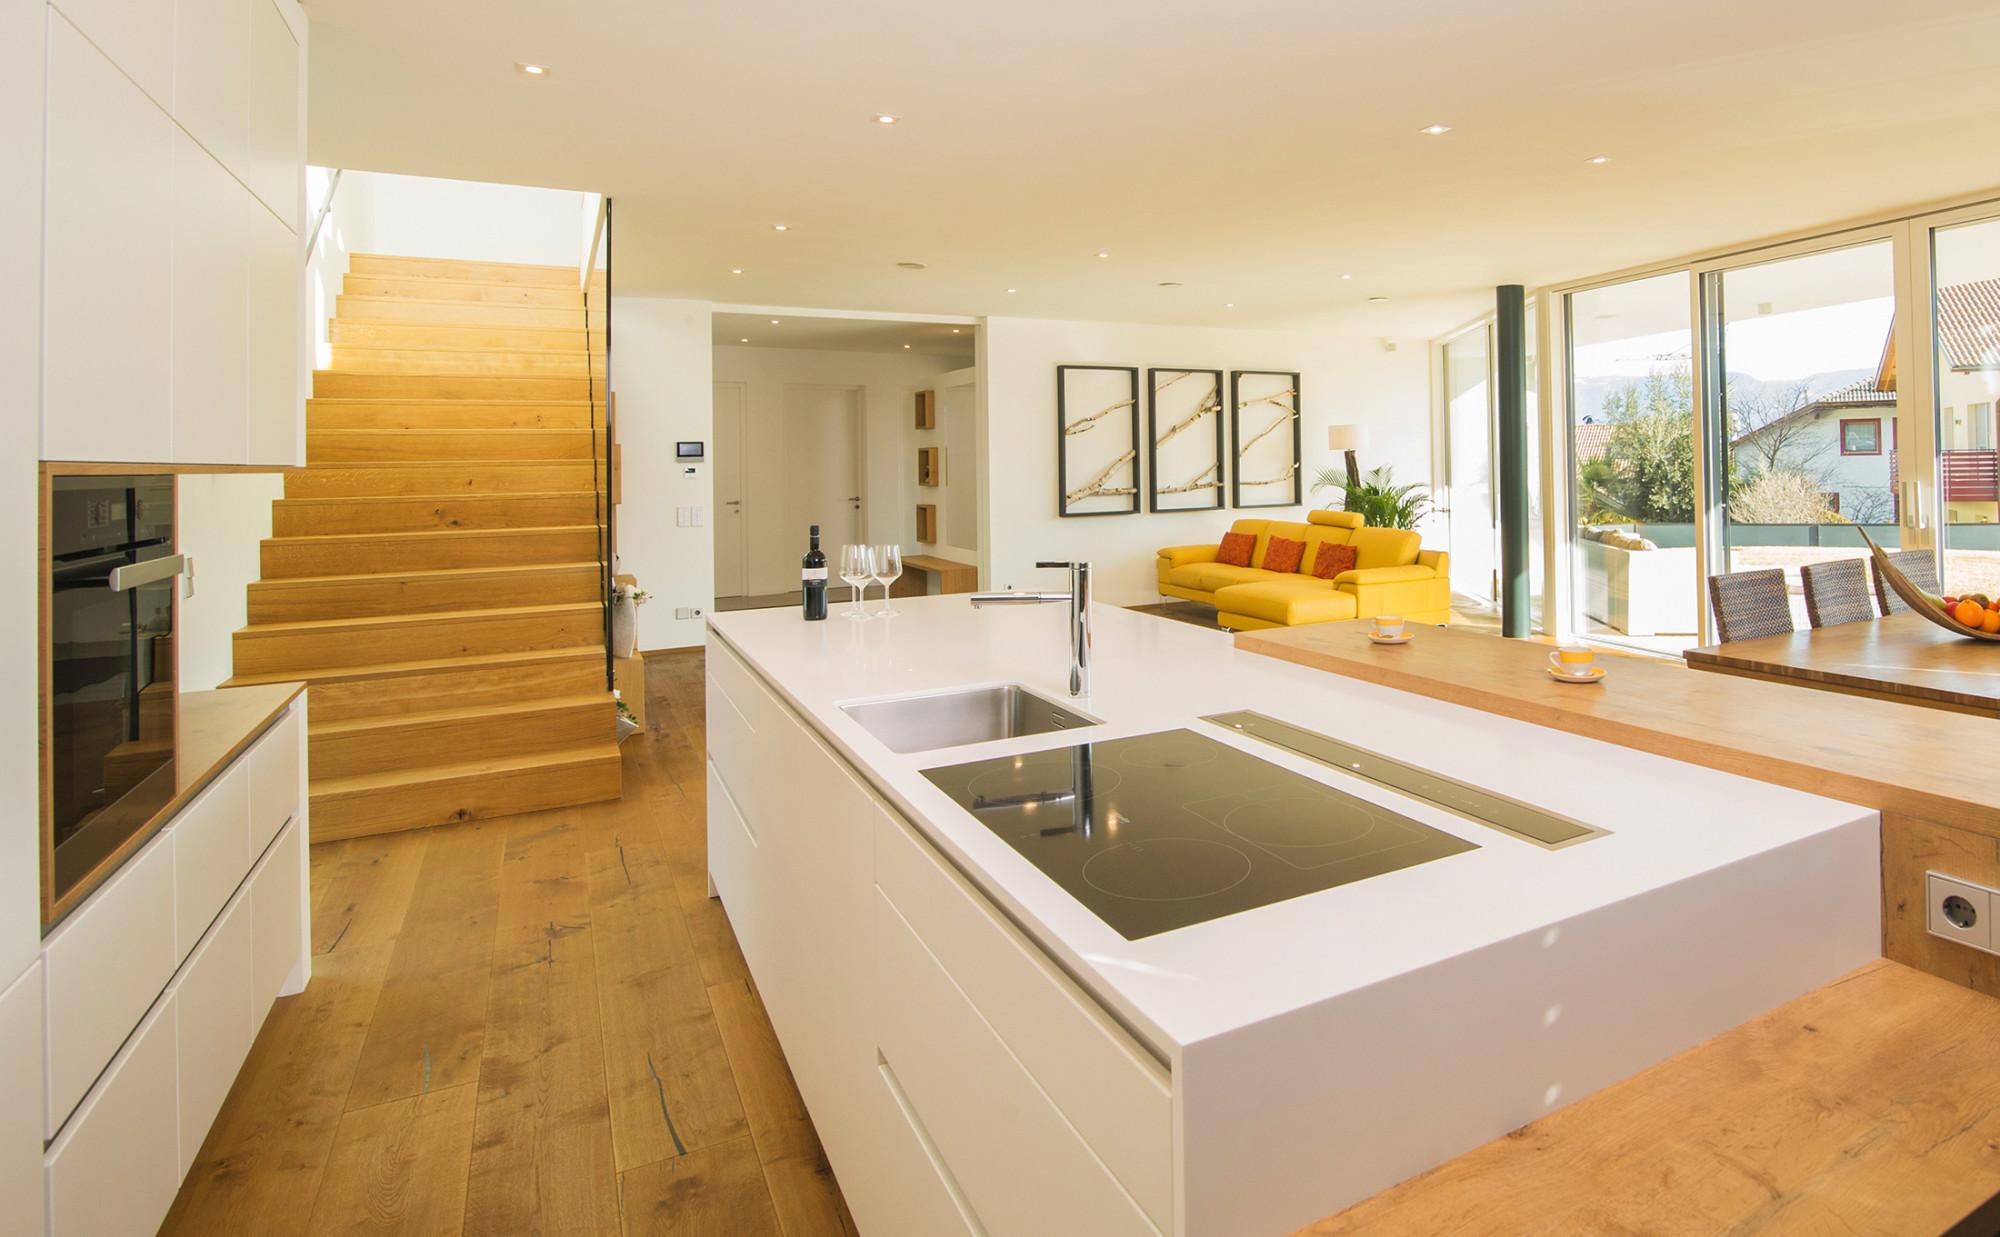 Holiday Villa in Bolzano Alto Adige – Private Villa rental Italy